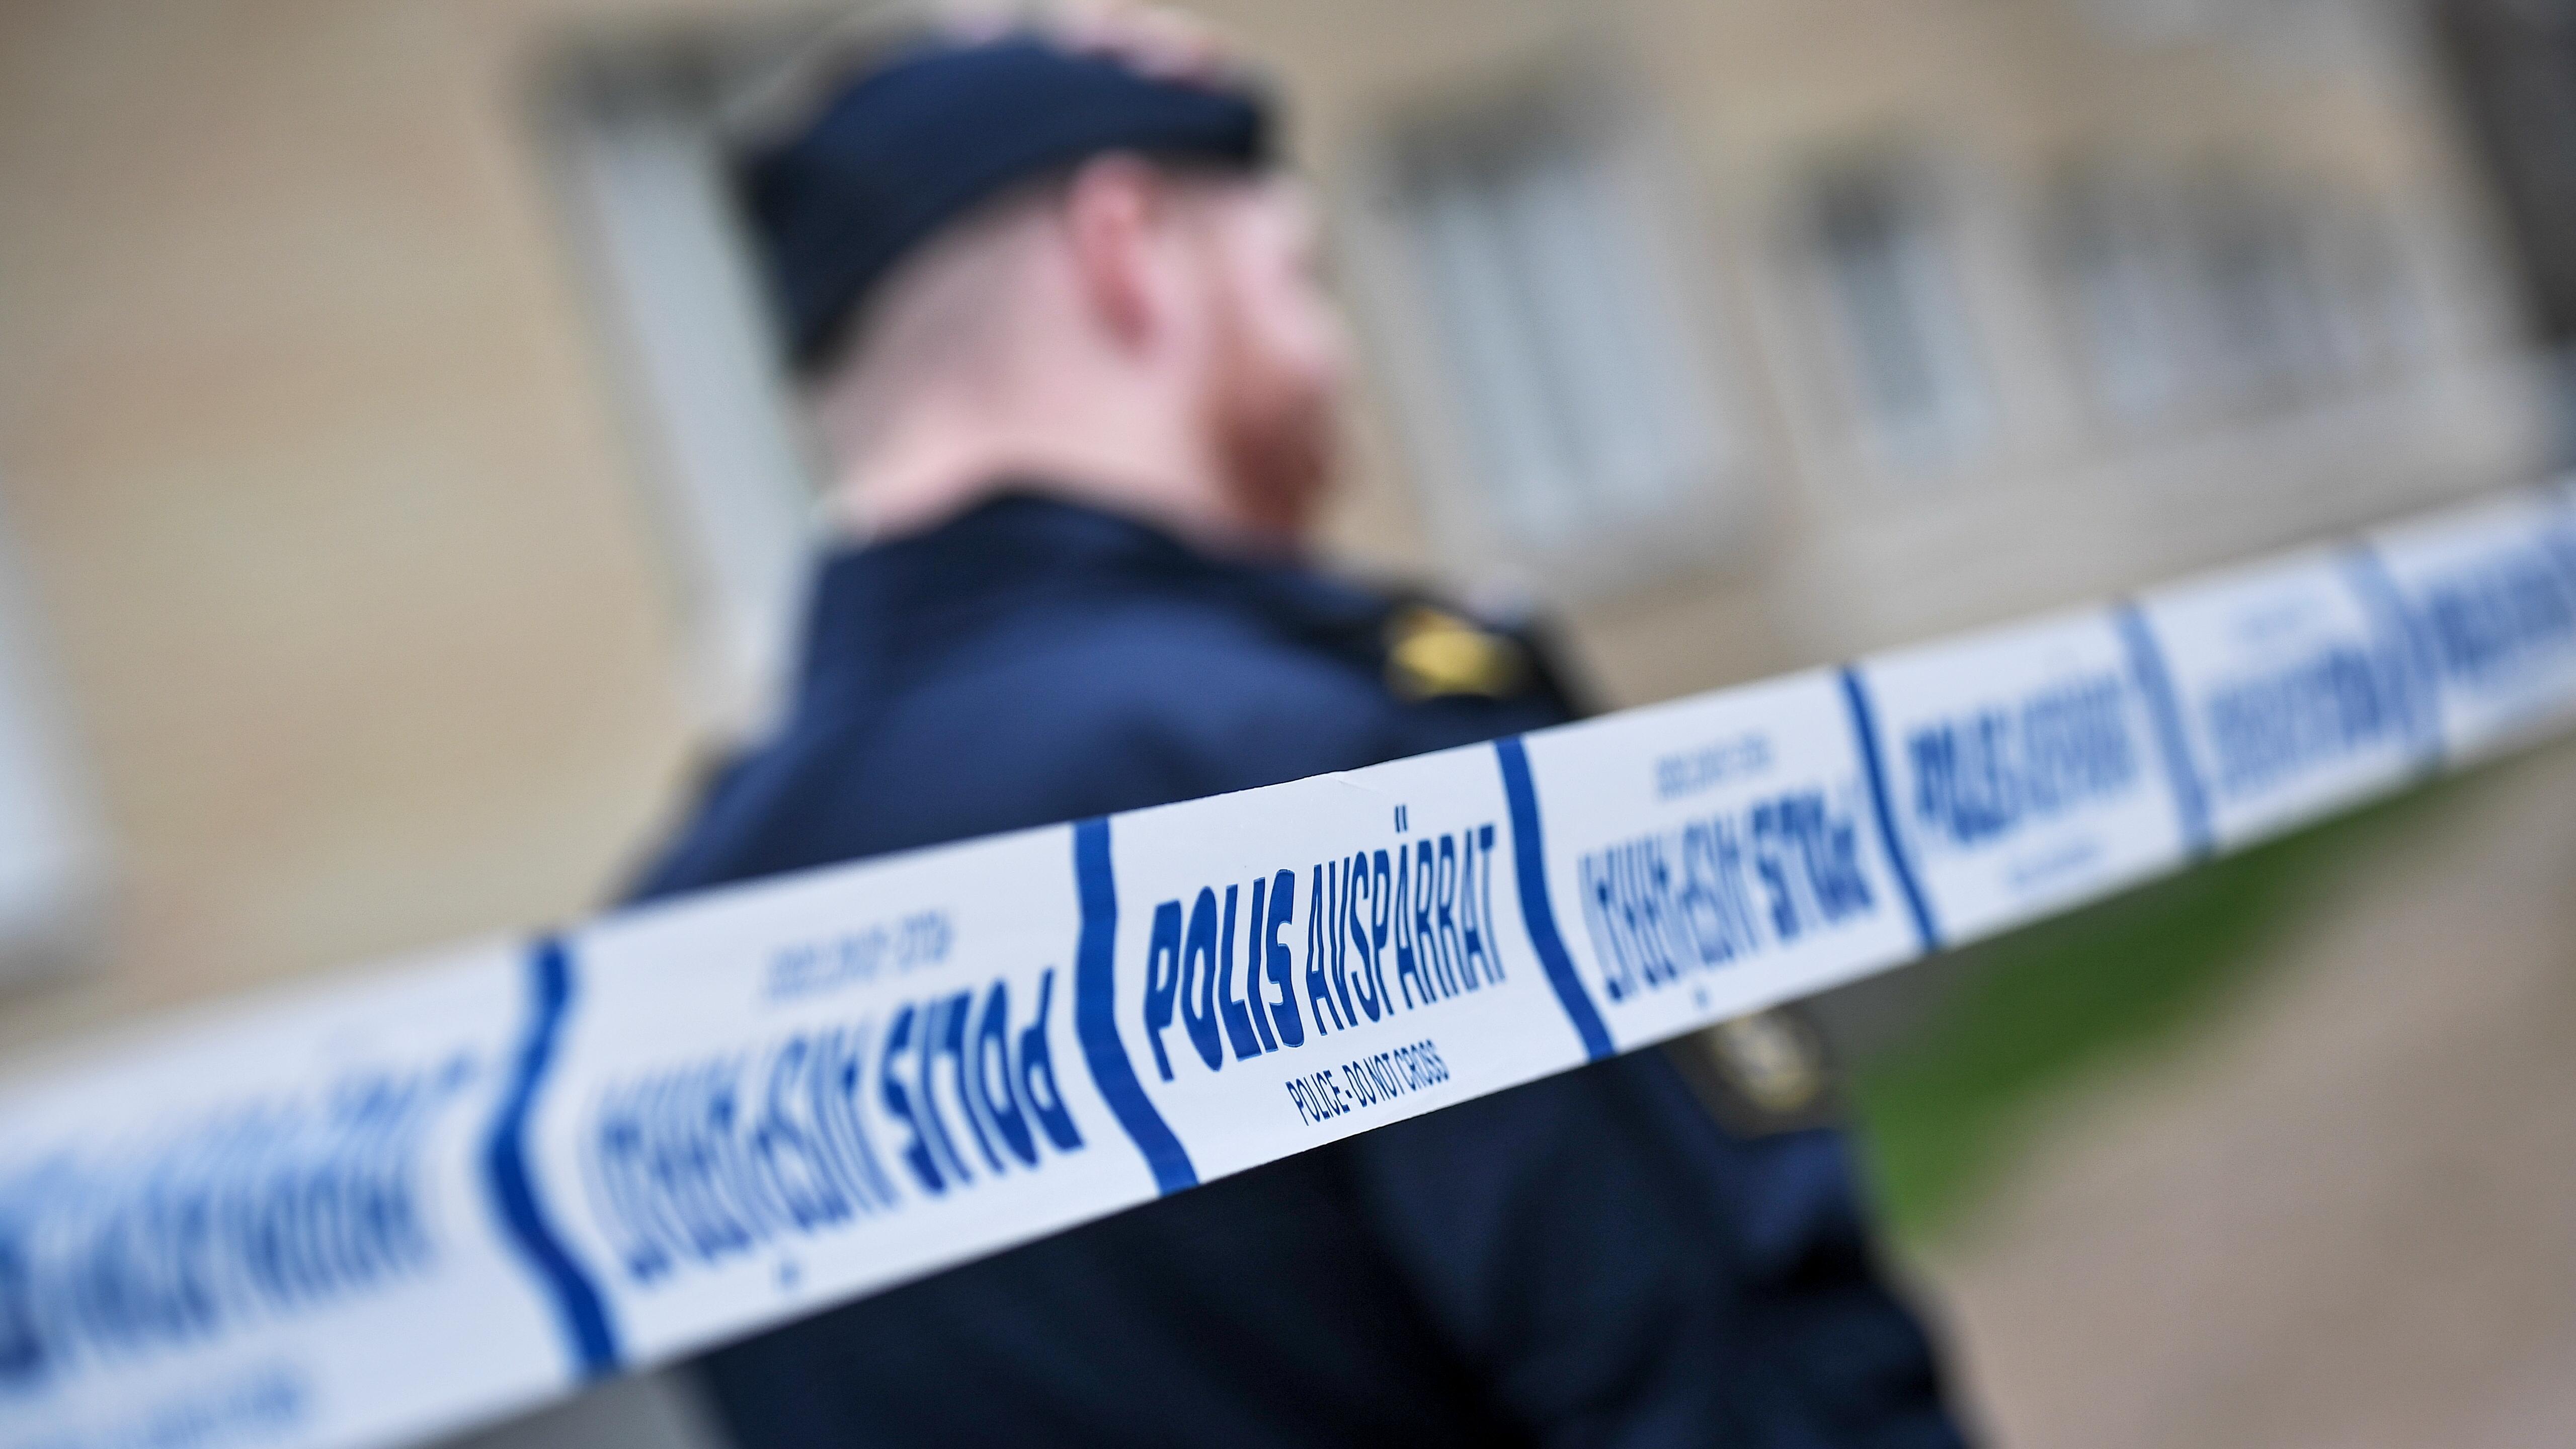 Rattsvasendet vill ta mer av brottslingars pengar